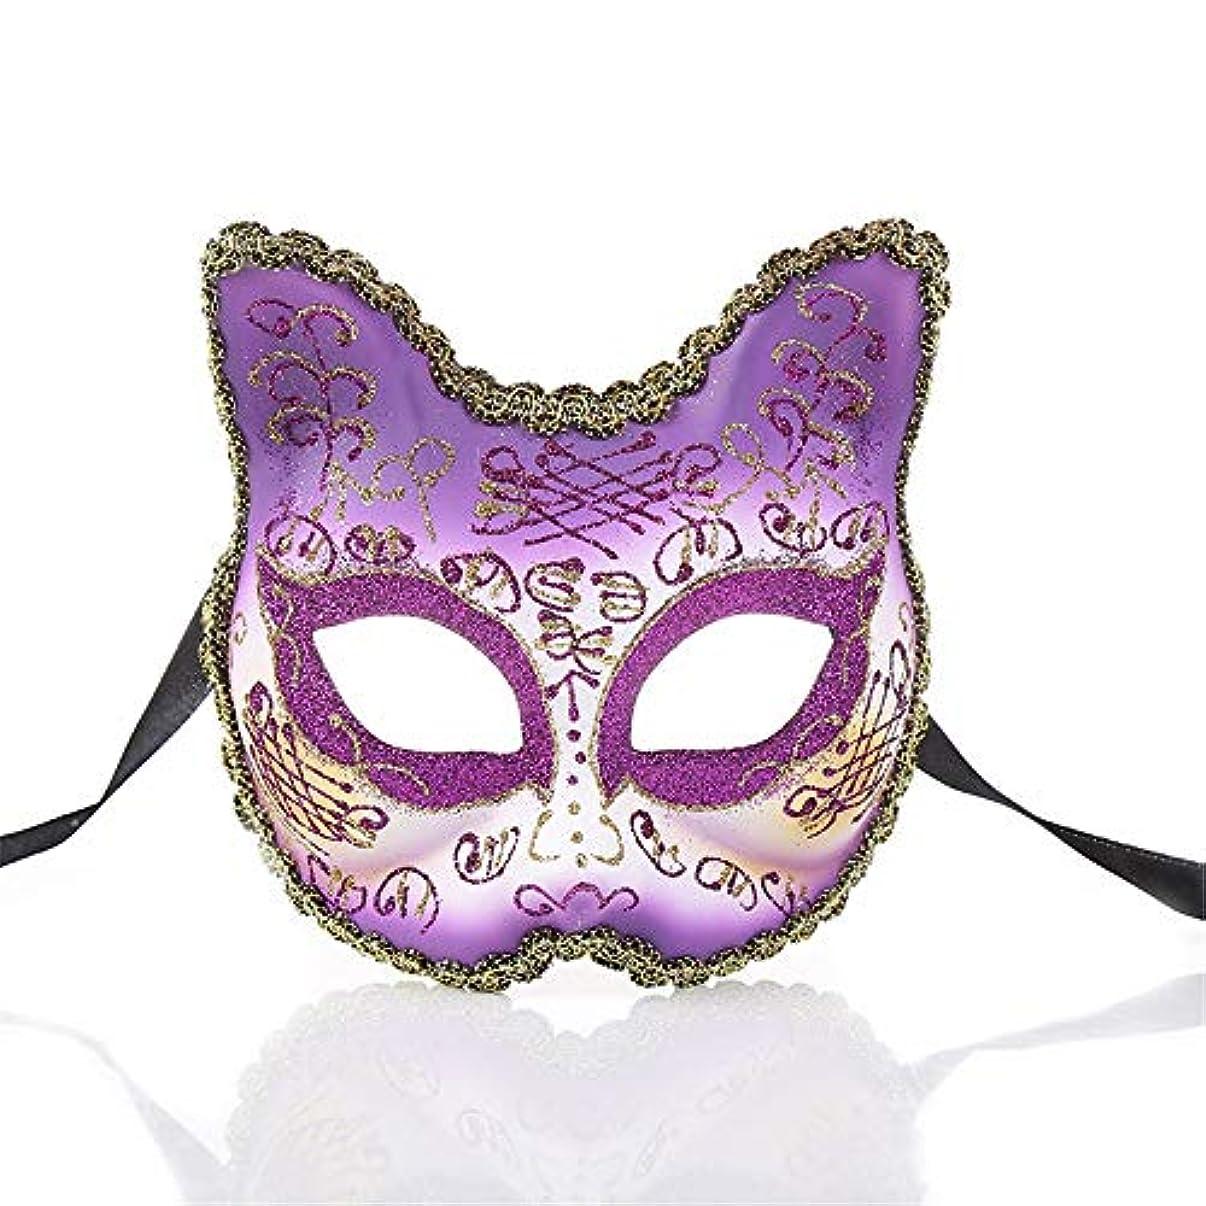 後ろにエンティティ甘くするダンスマスク ワイルドマスカレードロールプレイングパーティーの小道具ナイトクラブのマスクの雰囲気クリスマスフェスティバルロールプレイングプラスチックマスク パーティーマスク (色 : 紫の, サイズ : 13x13cm)